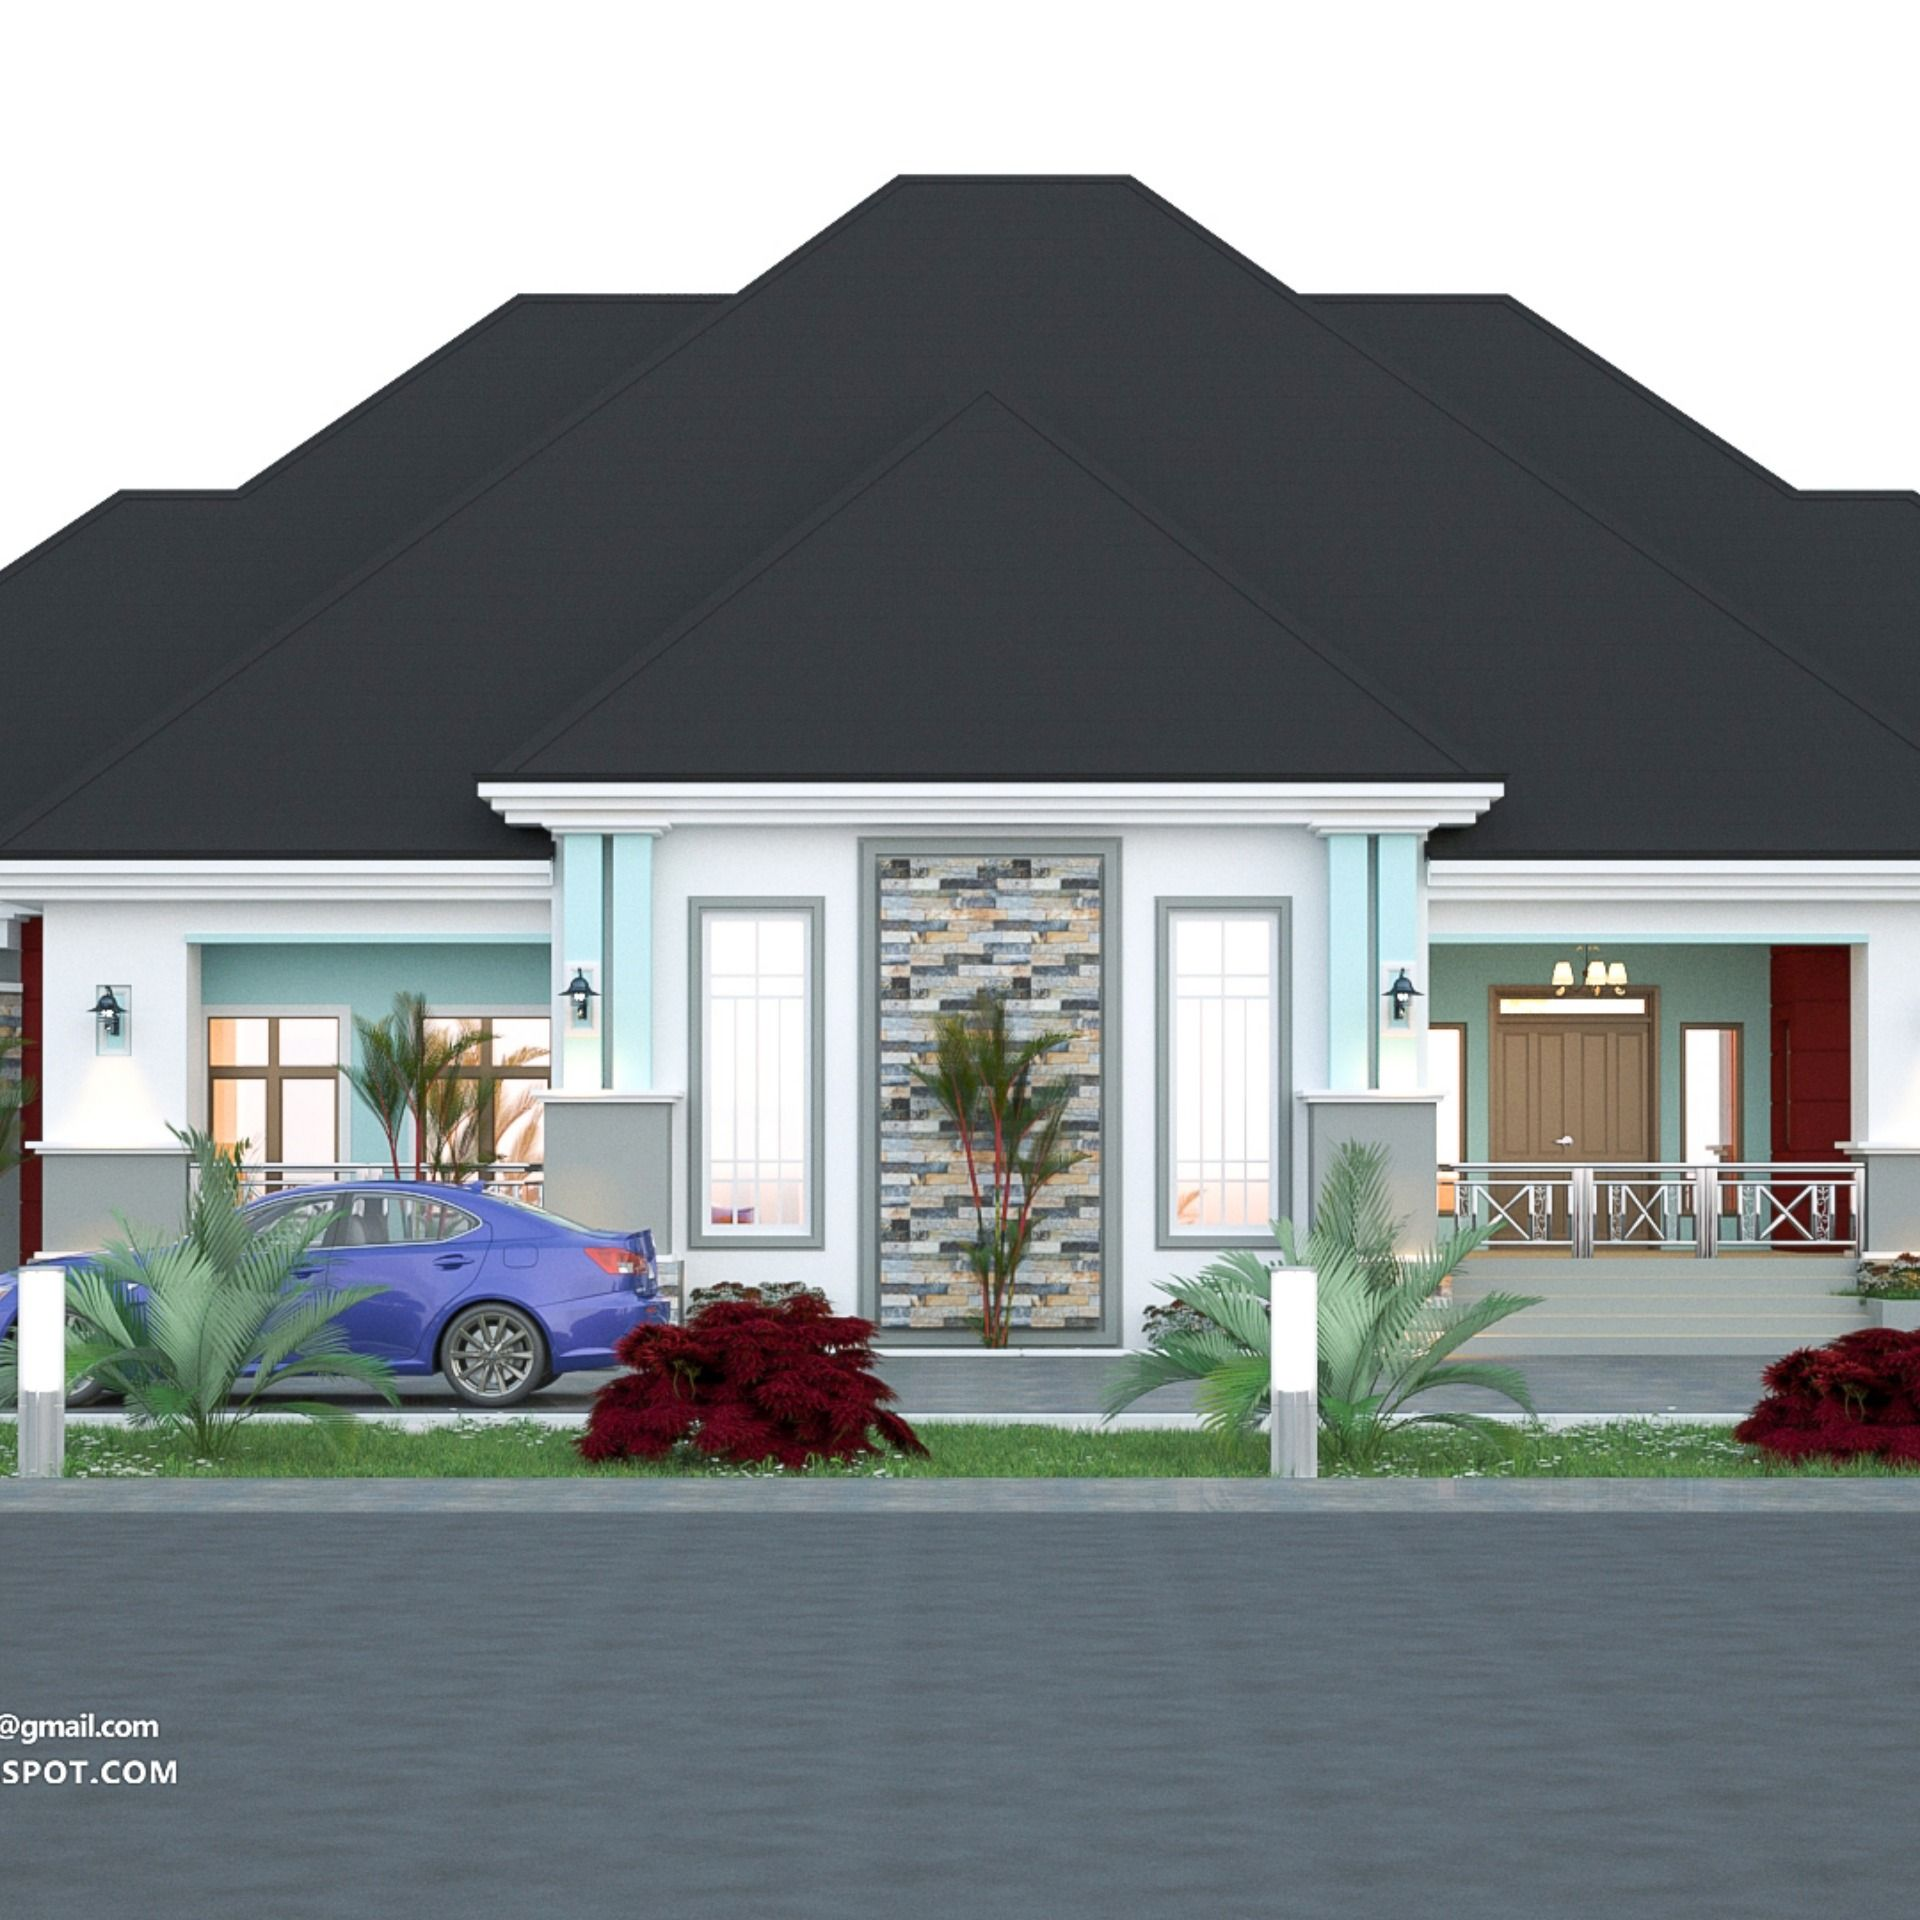 4 Bedroom Bungalow Rf 4015 Bungalow Design Duplex House Design House Styles